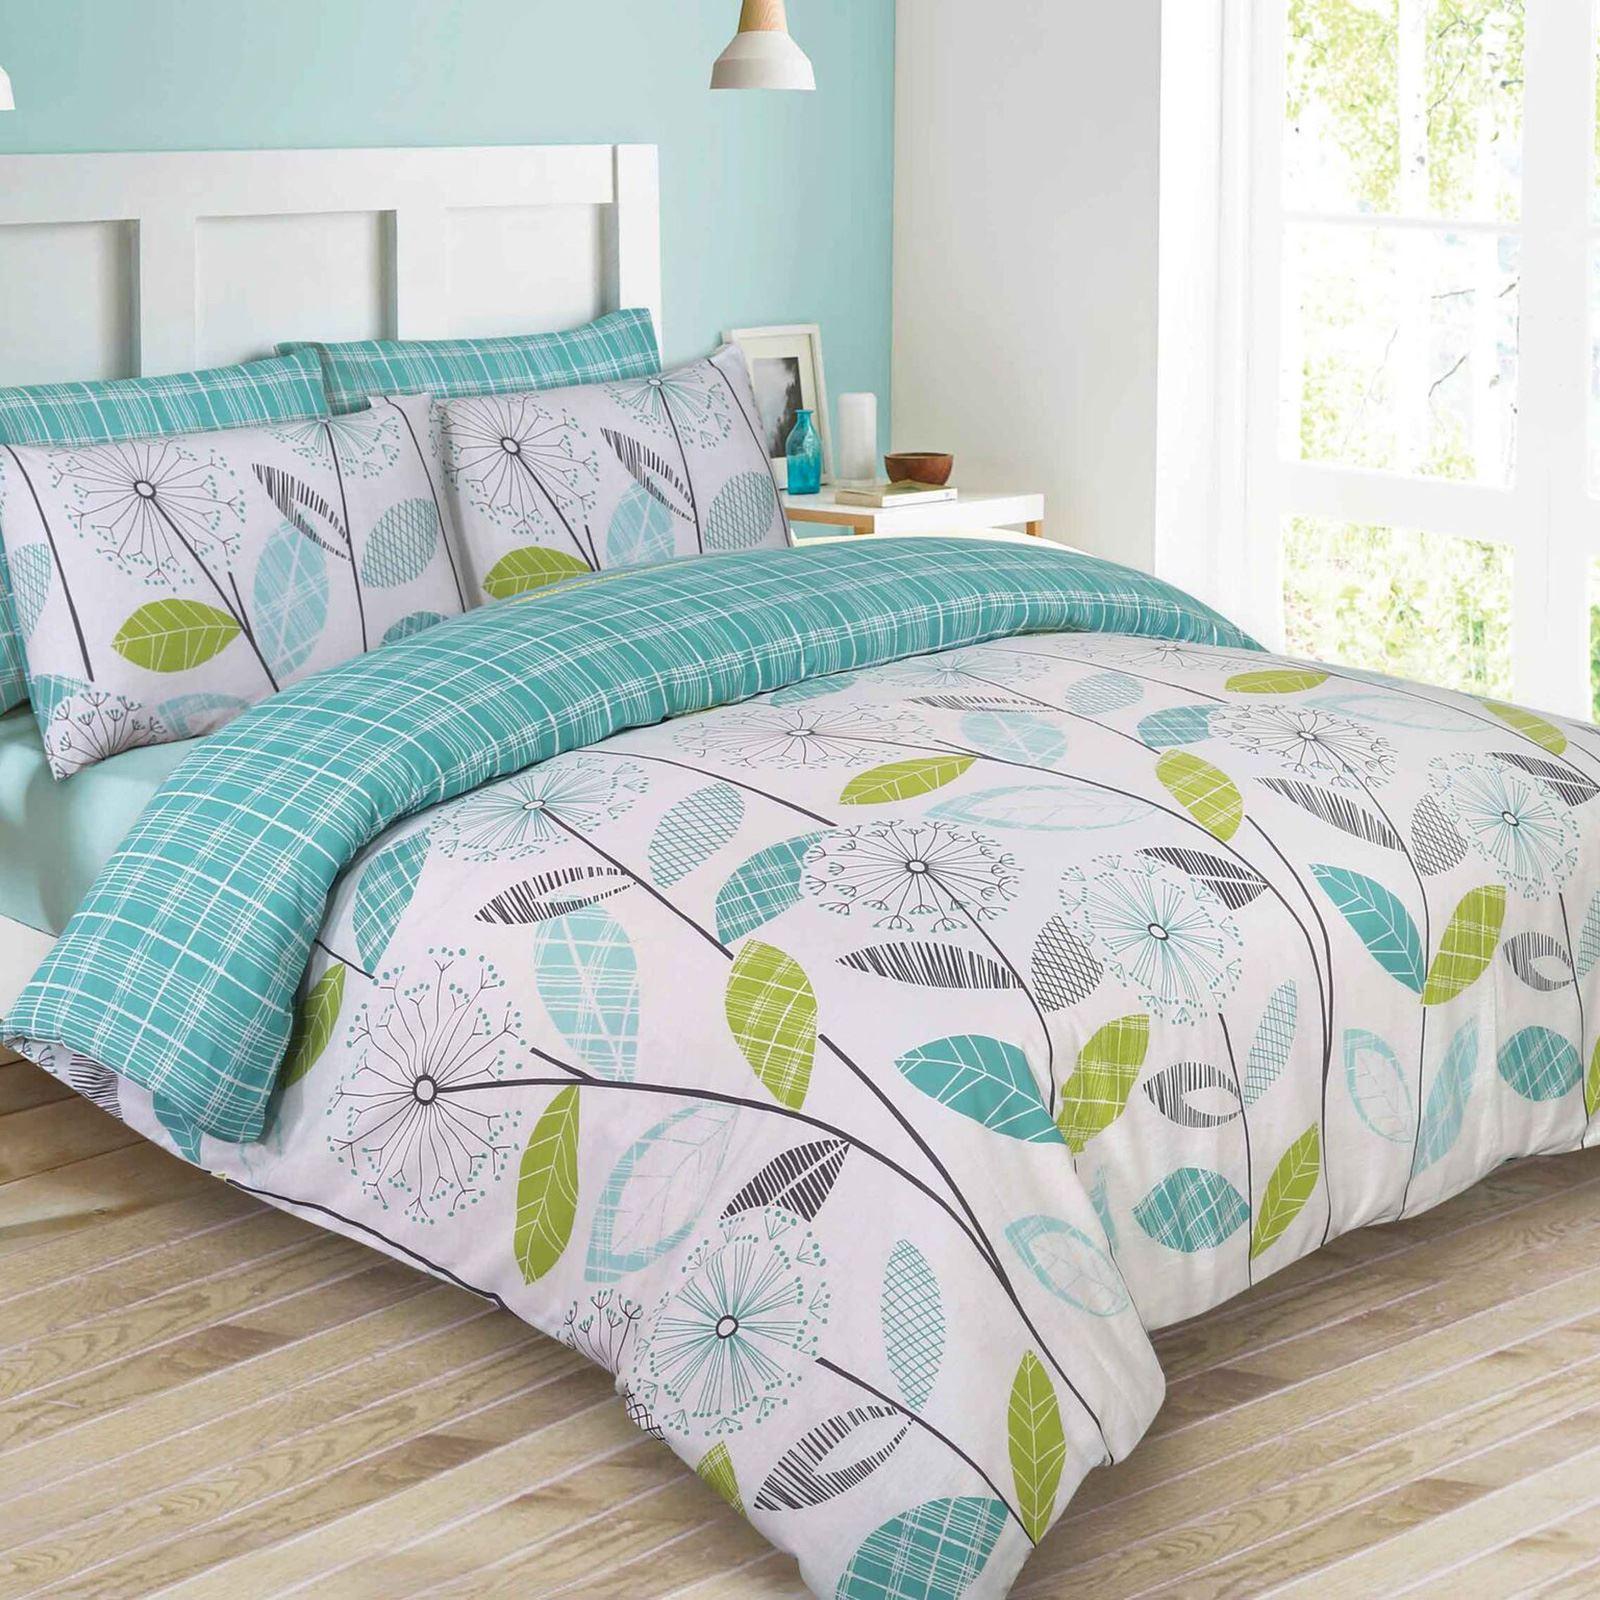 allium pissenlit sarcelle parure housse de couette king size ebay. Black Bedroom Furniture Sets. Home Design Ideas